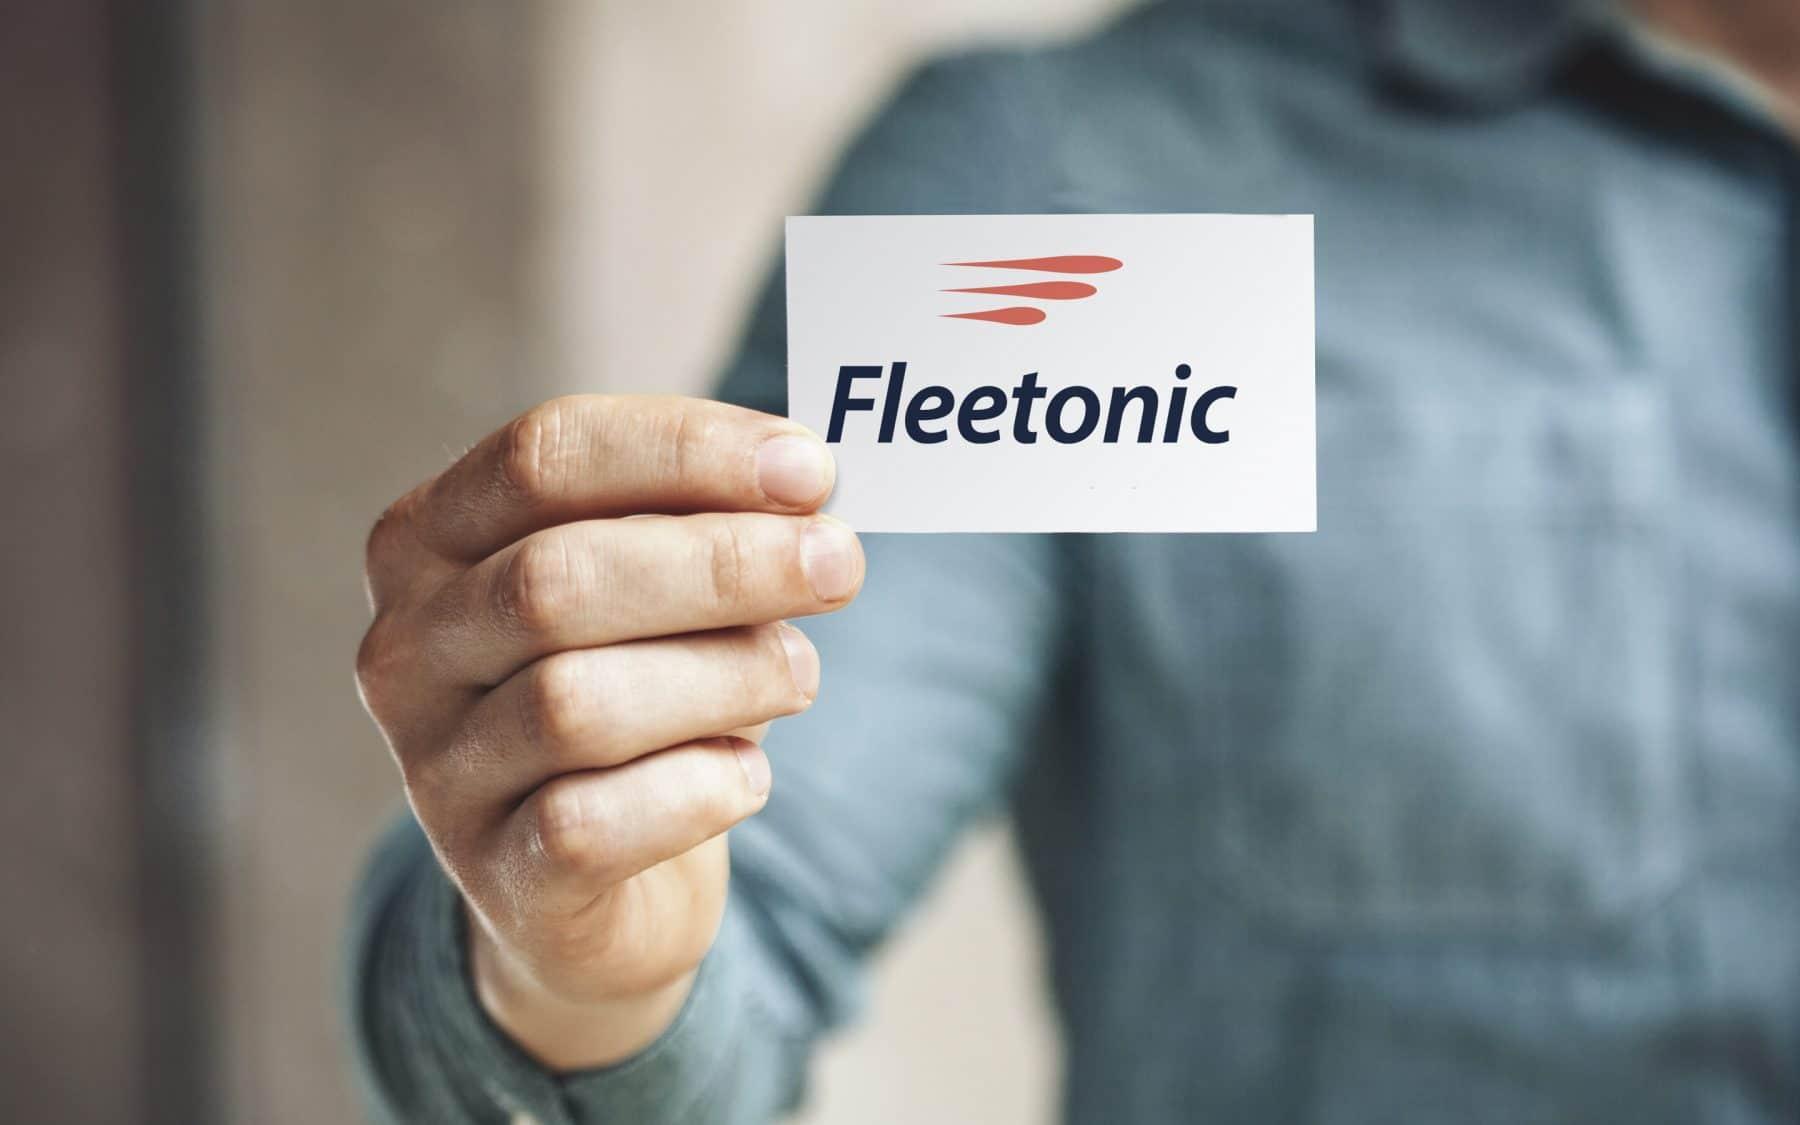 Fleetonic